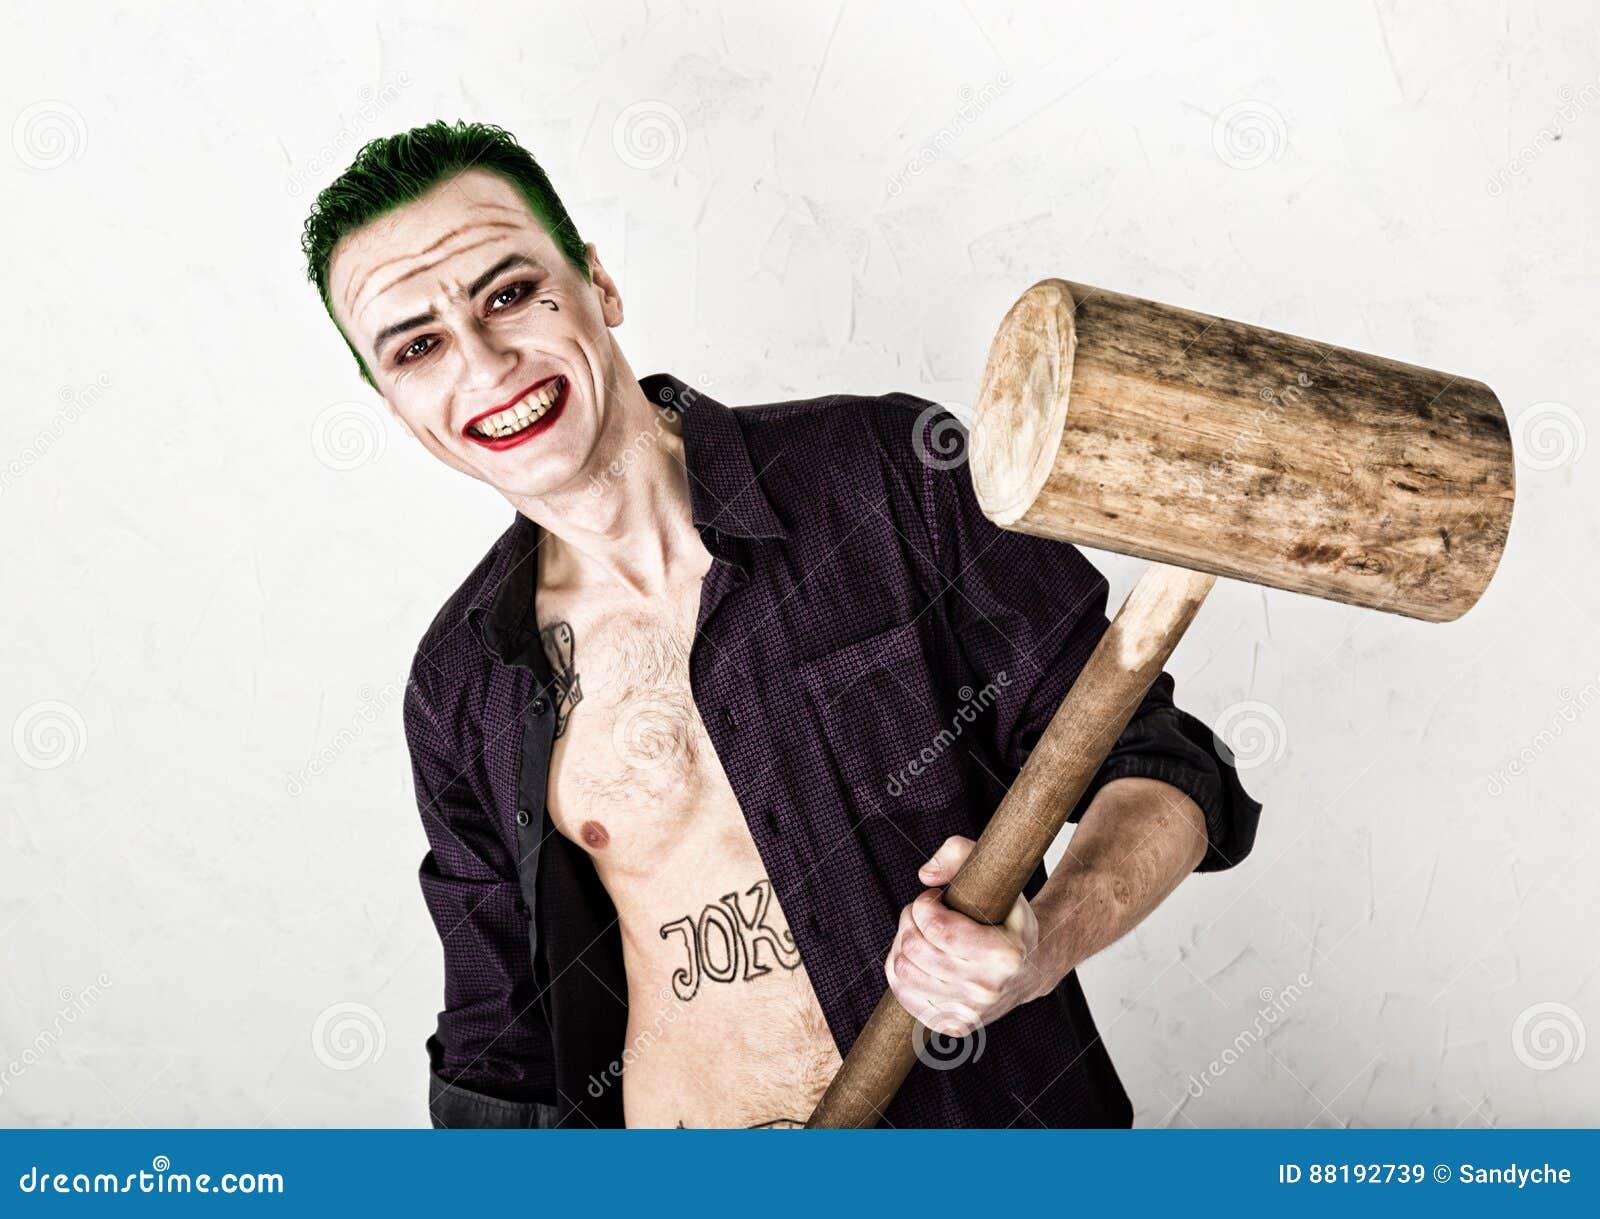 Indivíduo com a cara louca do palhaço, cabelo verde e sorriso idiota traje carnaval guardando o martelo para o grilo